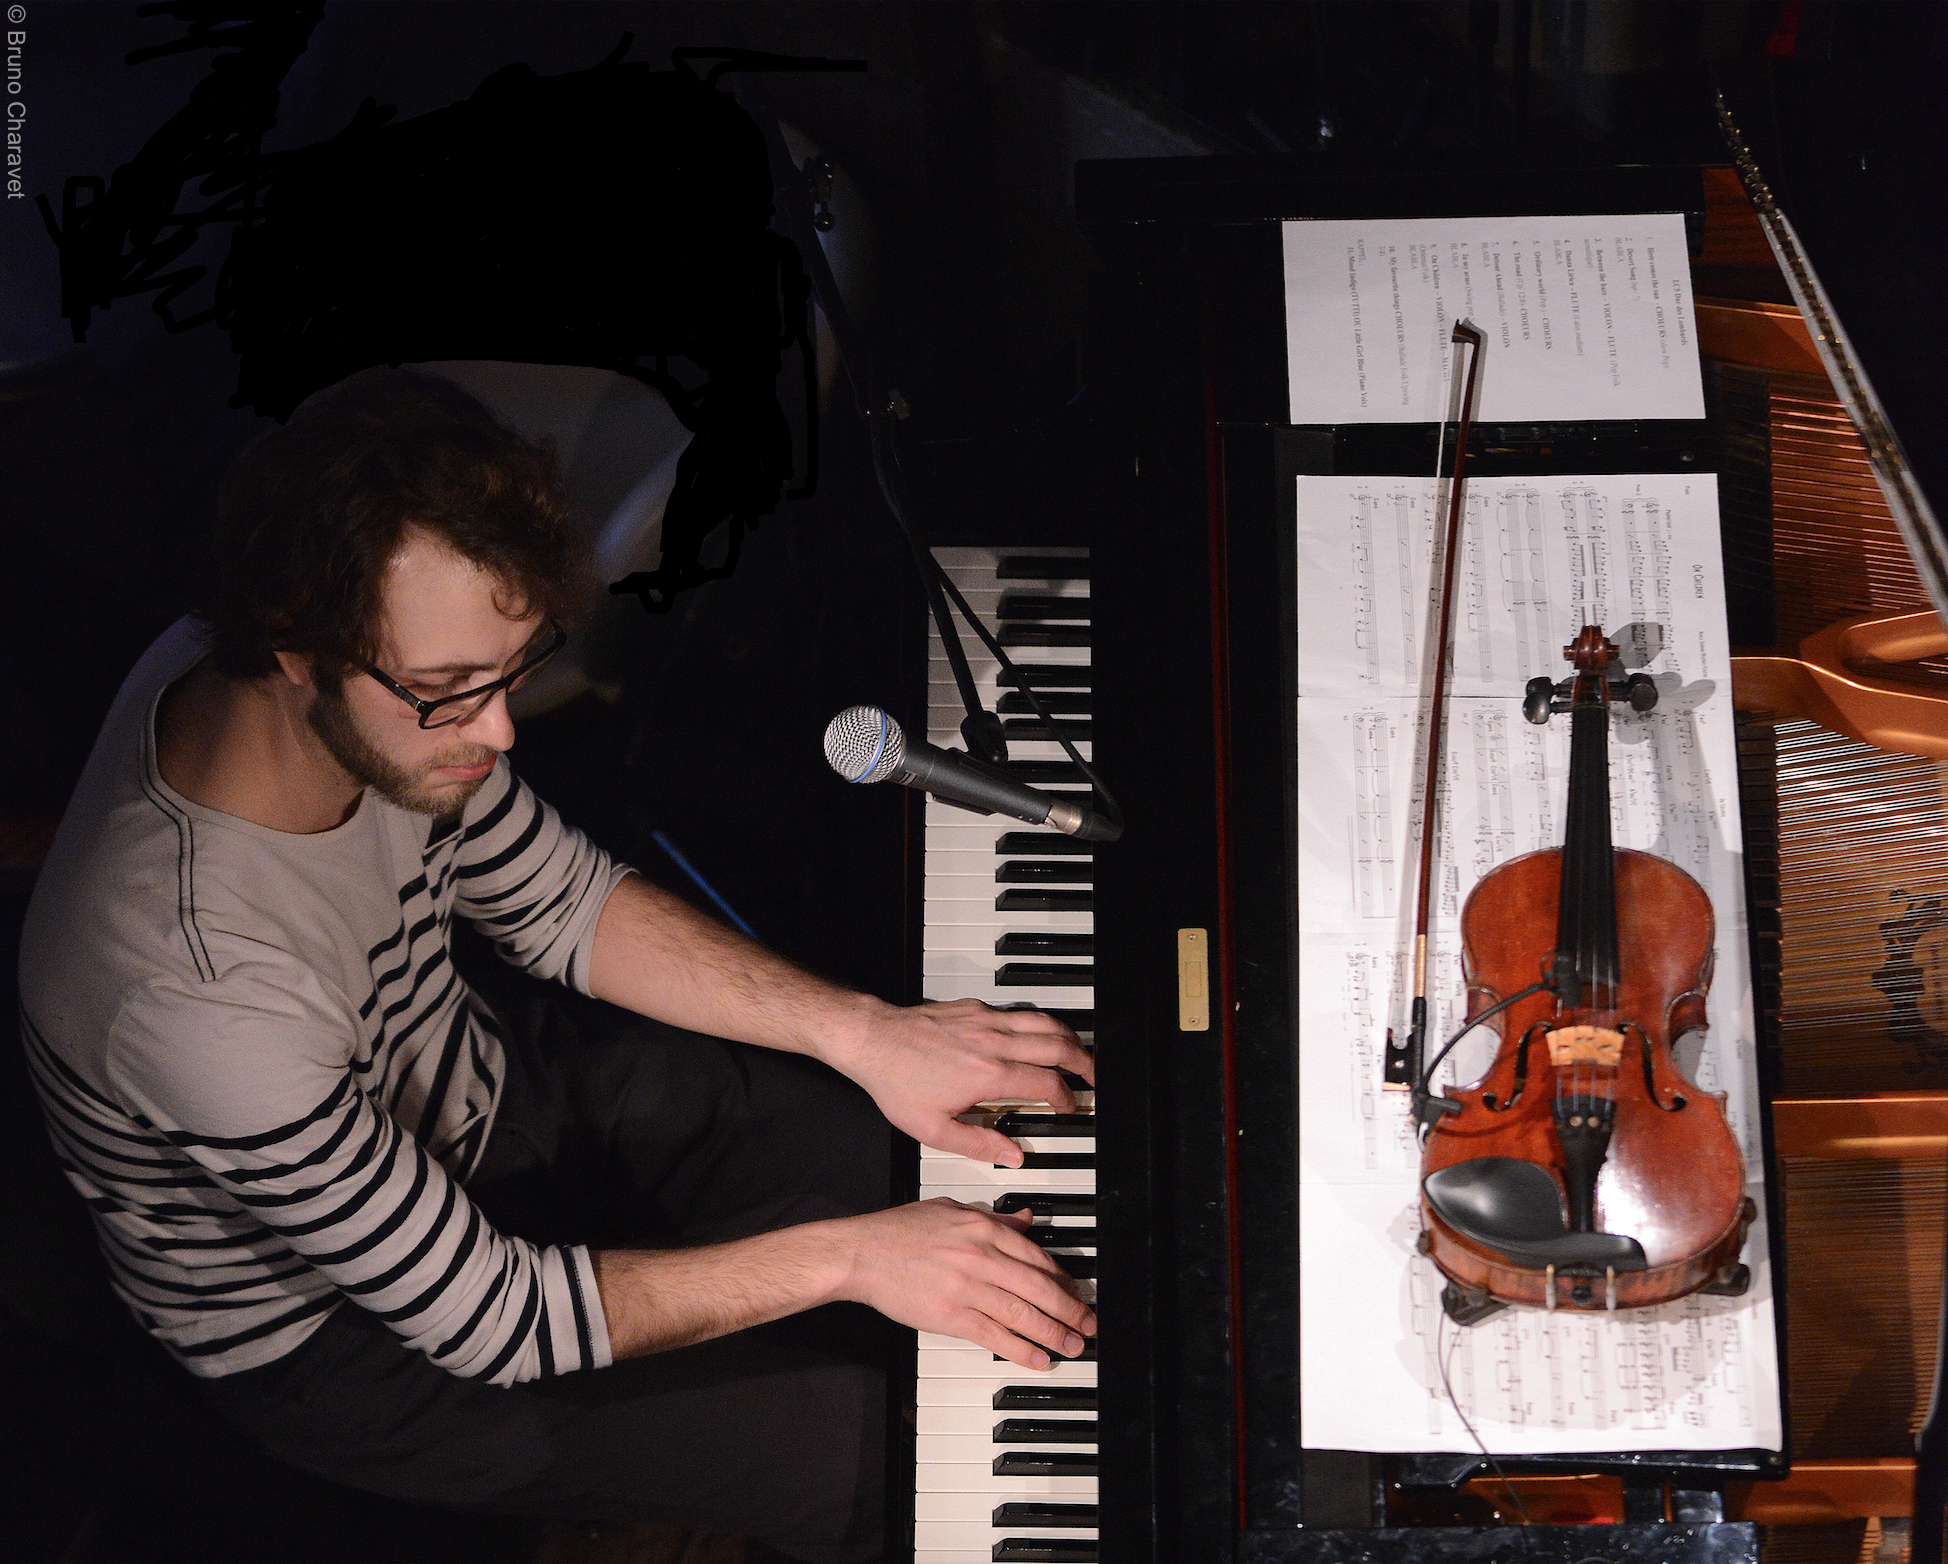 Antoine piano violon duc 1